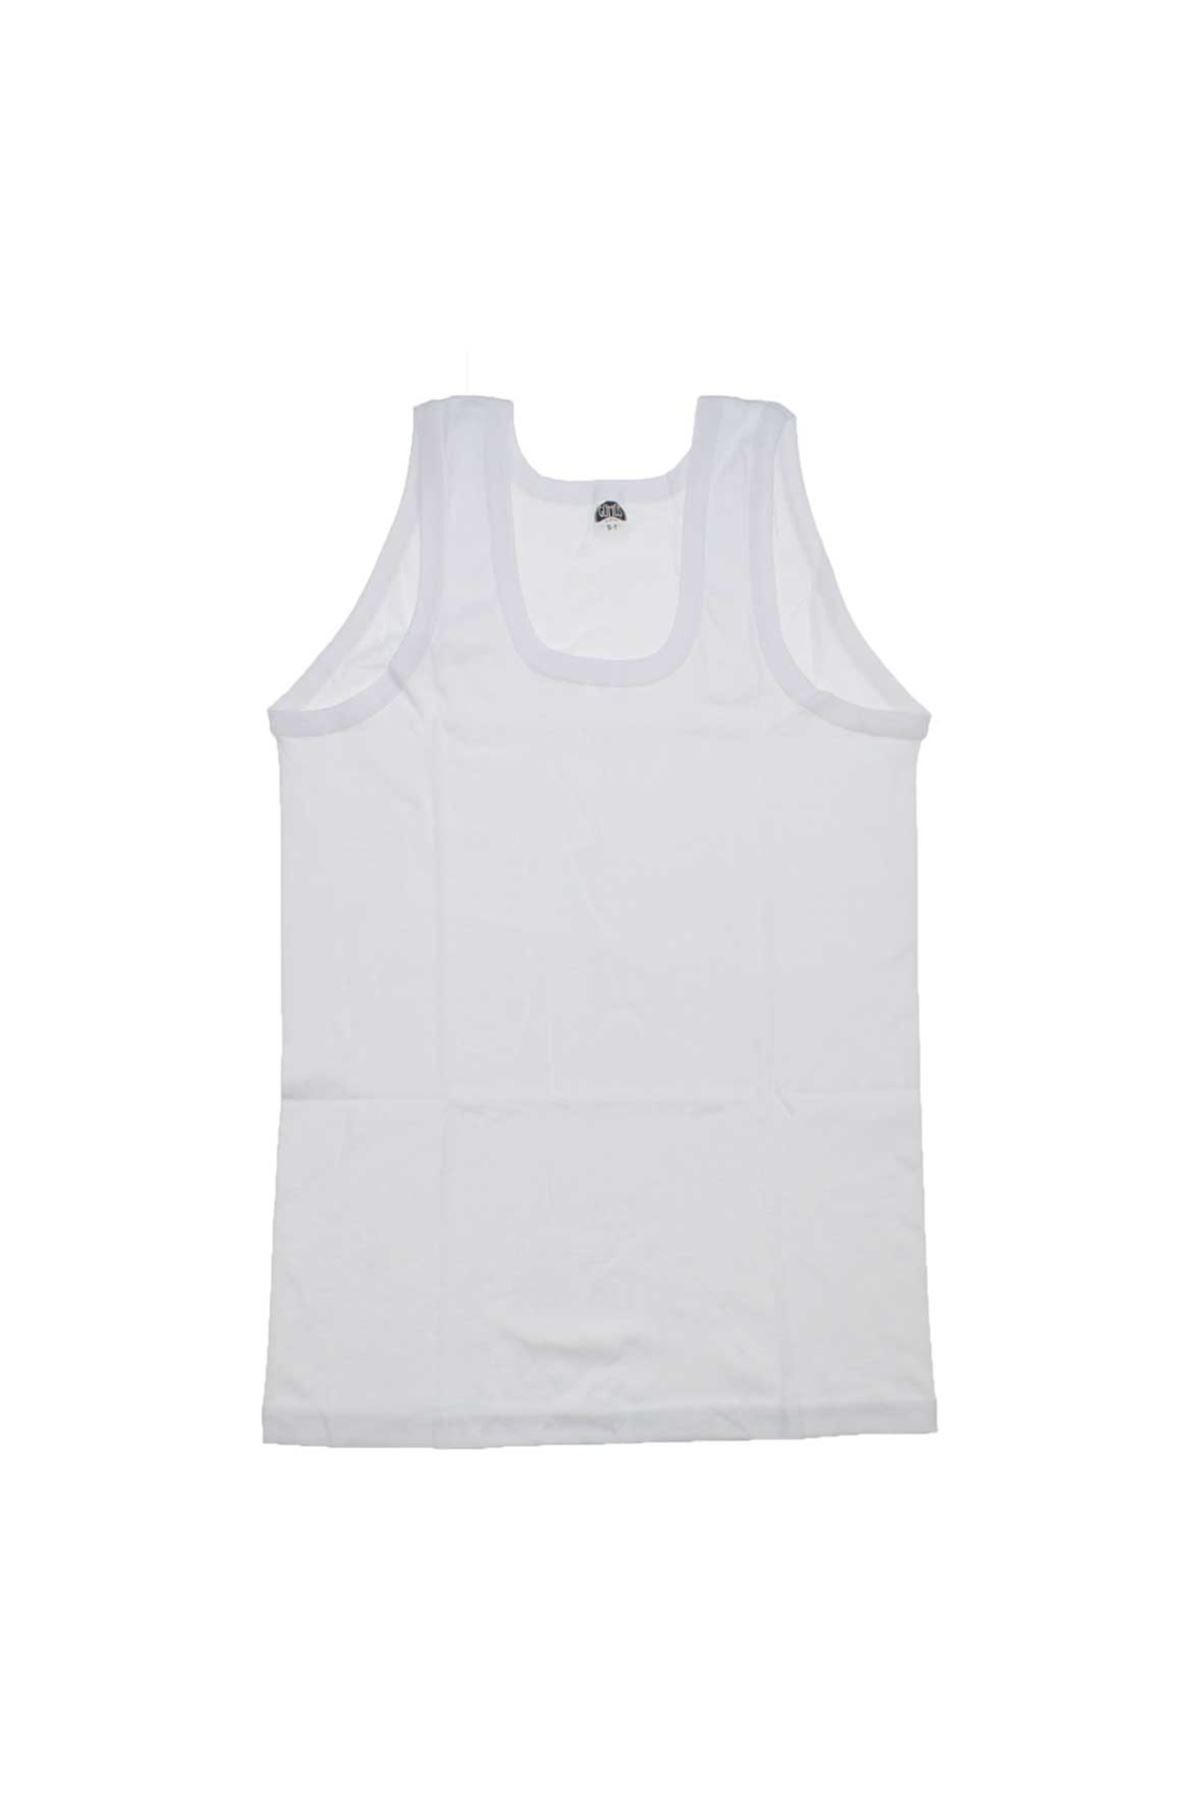 Gümüş İç Giyim Erkek 6lı Ribana Askılı Atlet 040-3002-027